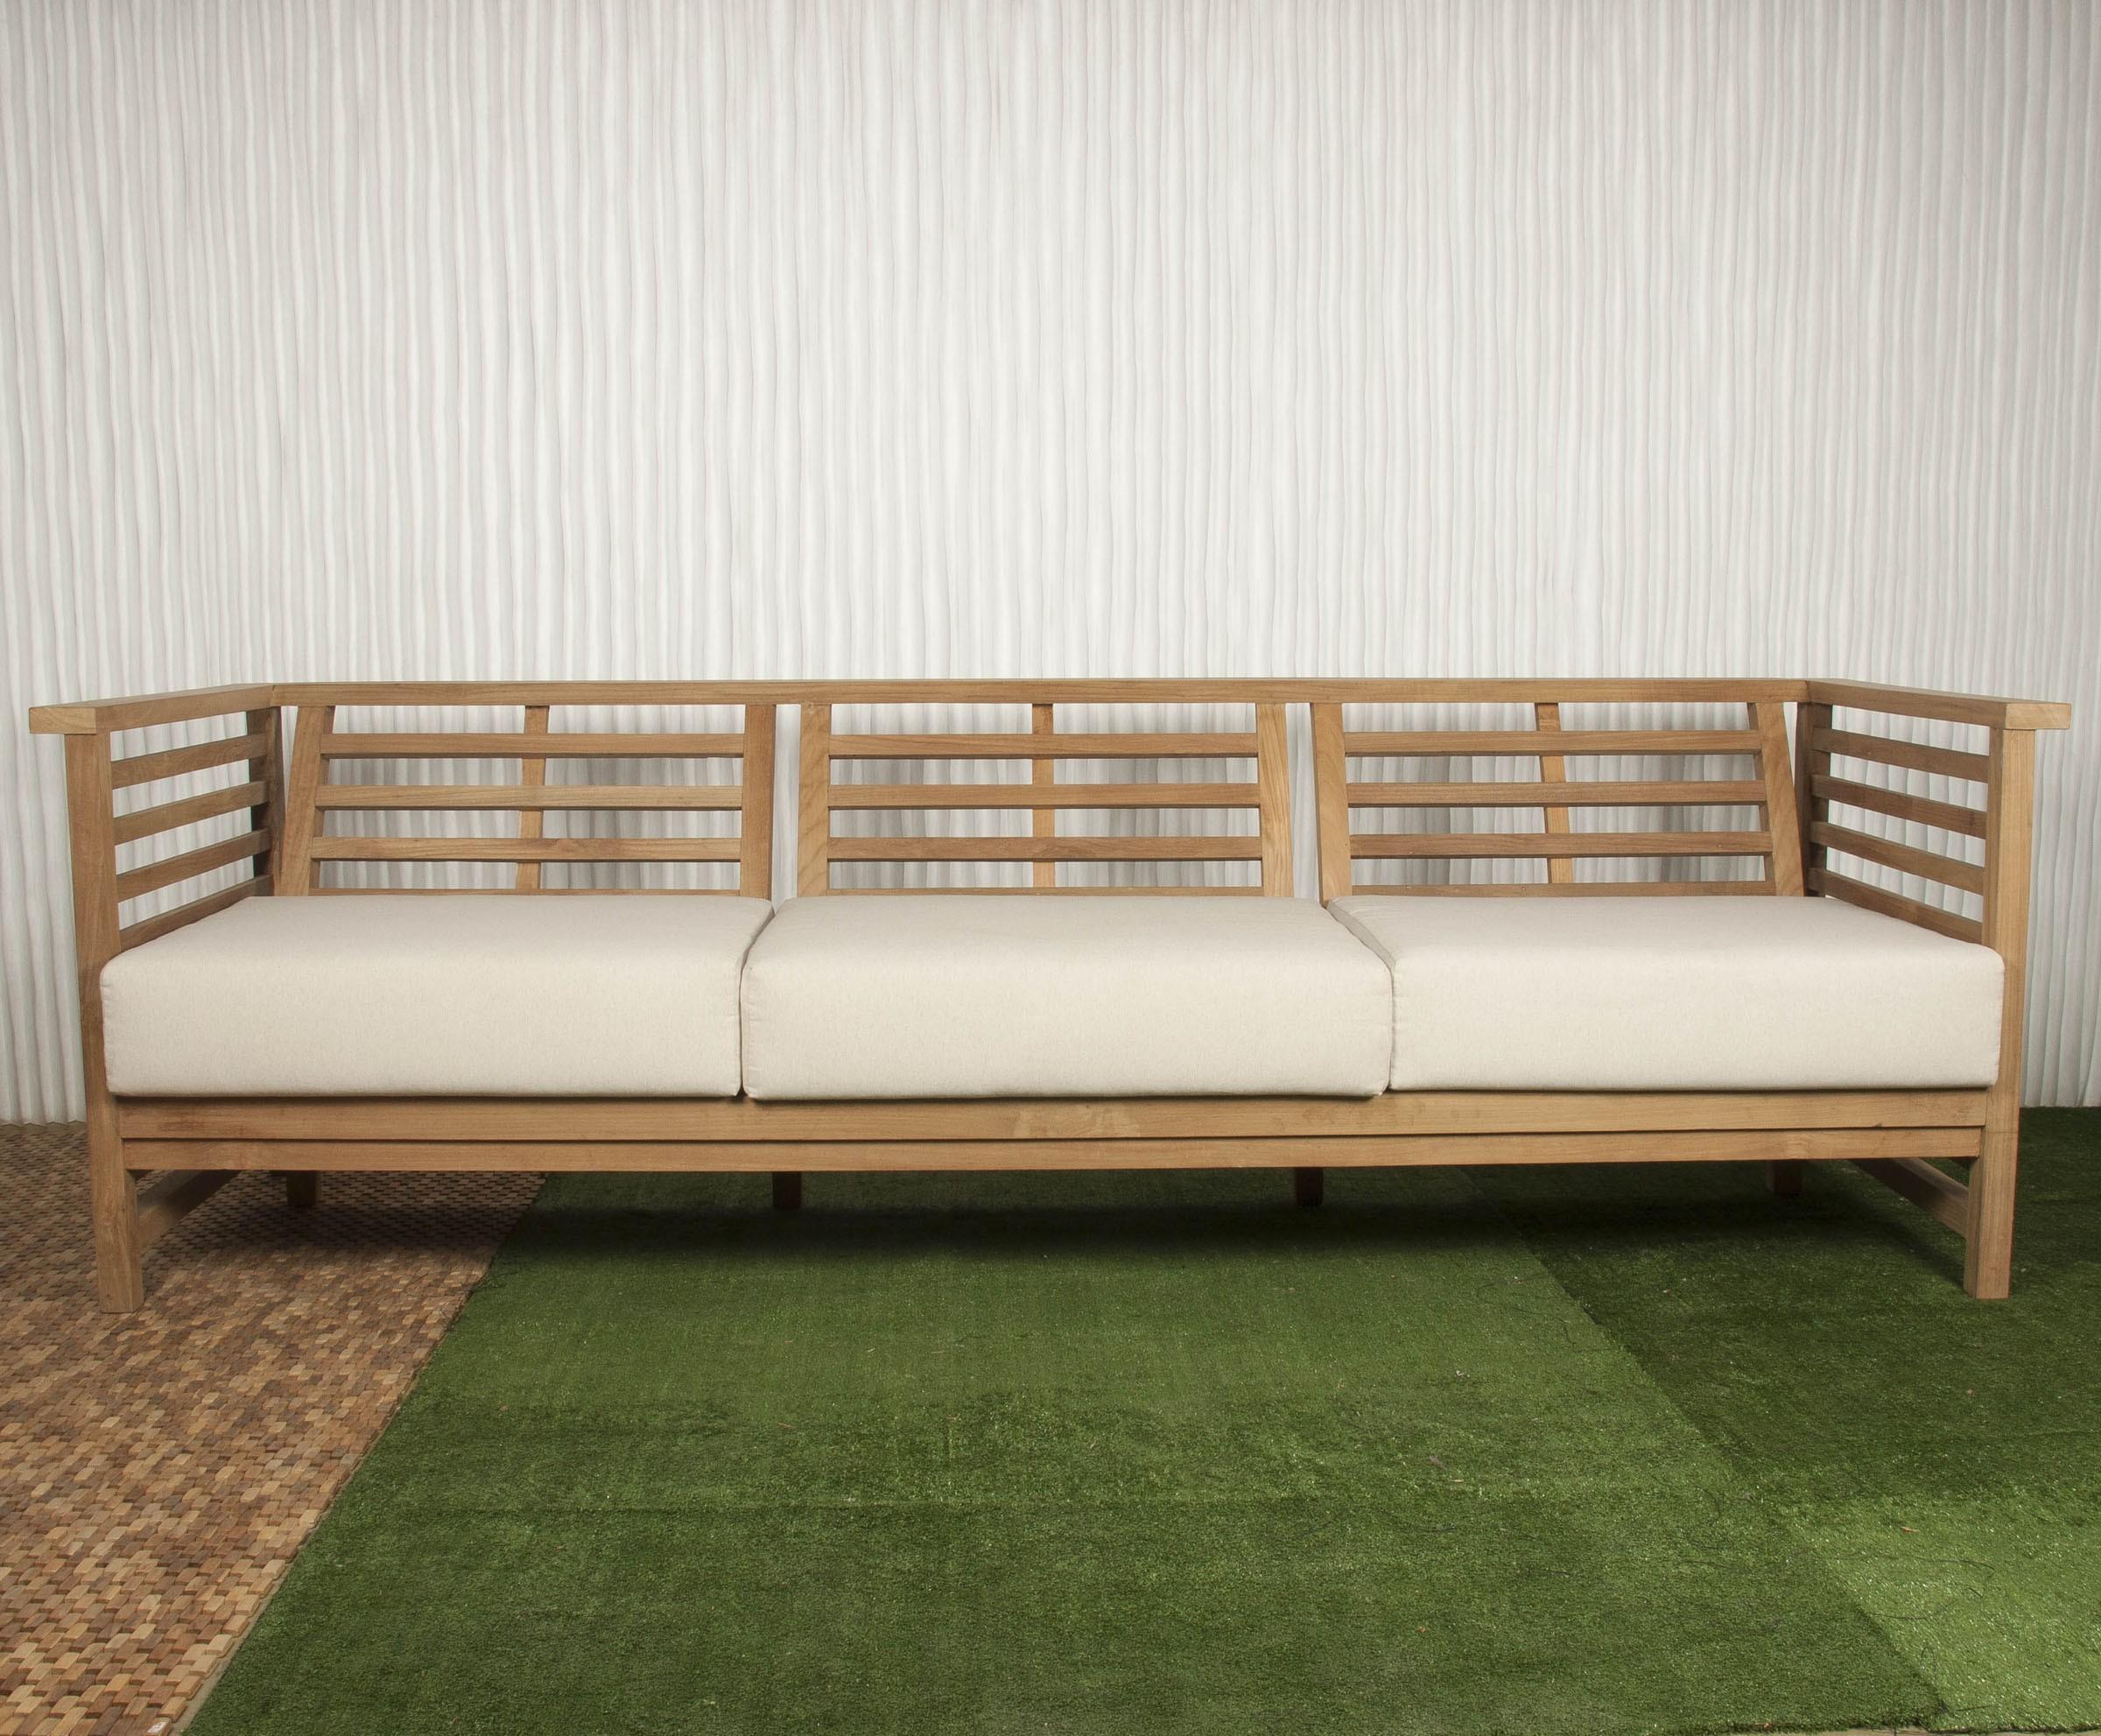 Sofas De Exterior Gdd0 sofà Exterior Y sofà De Madera Batavia